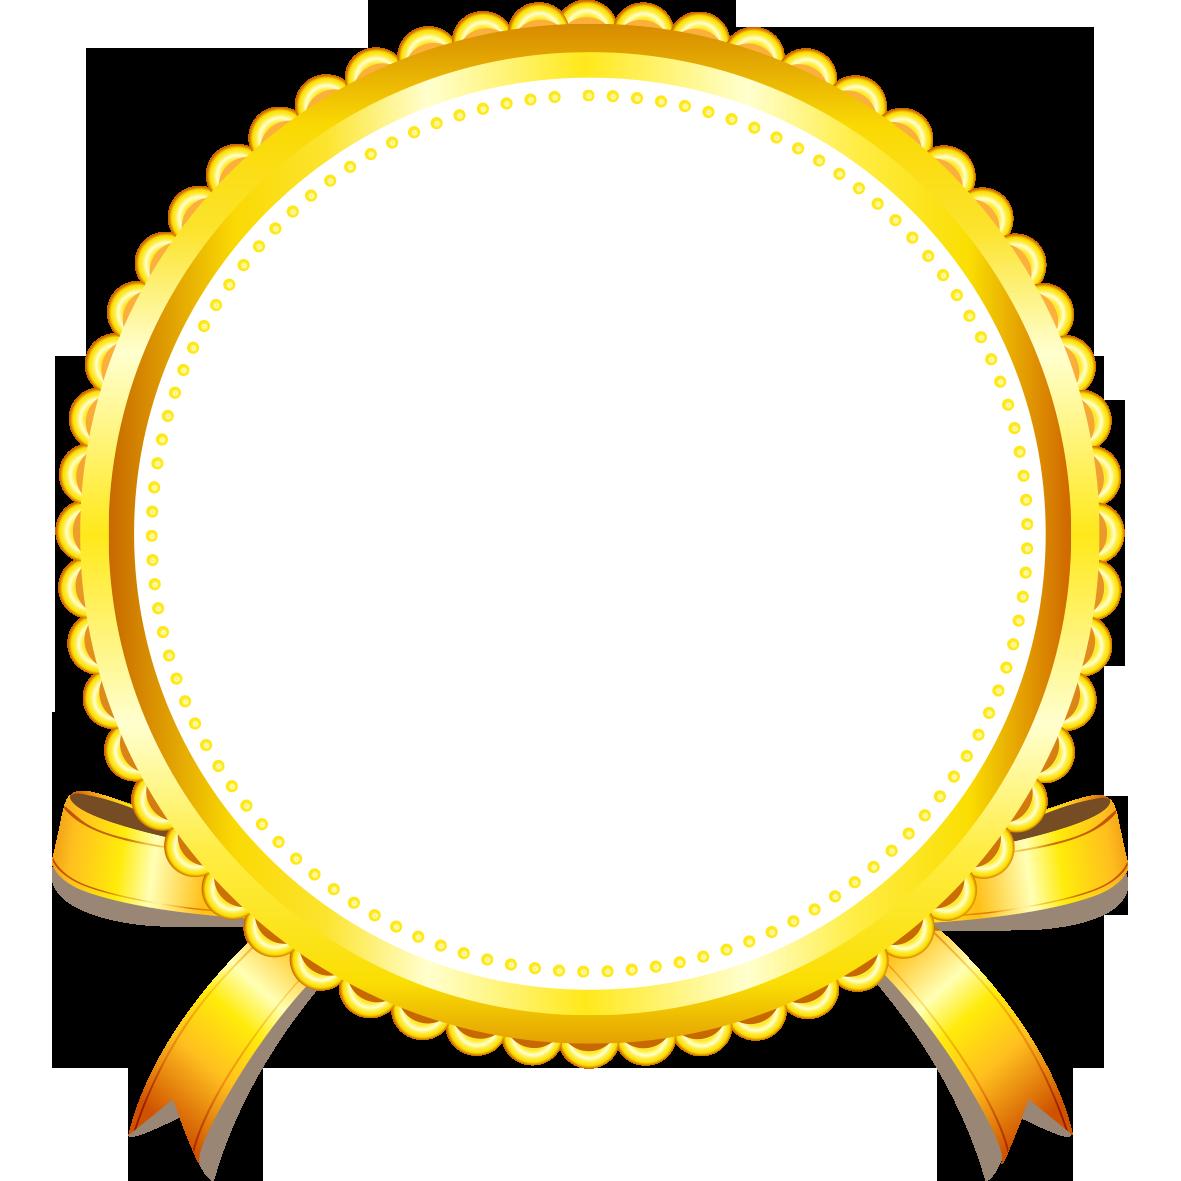 最も人気のある Gold Golden Image - サンゴメガ